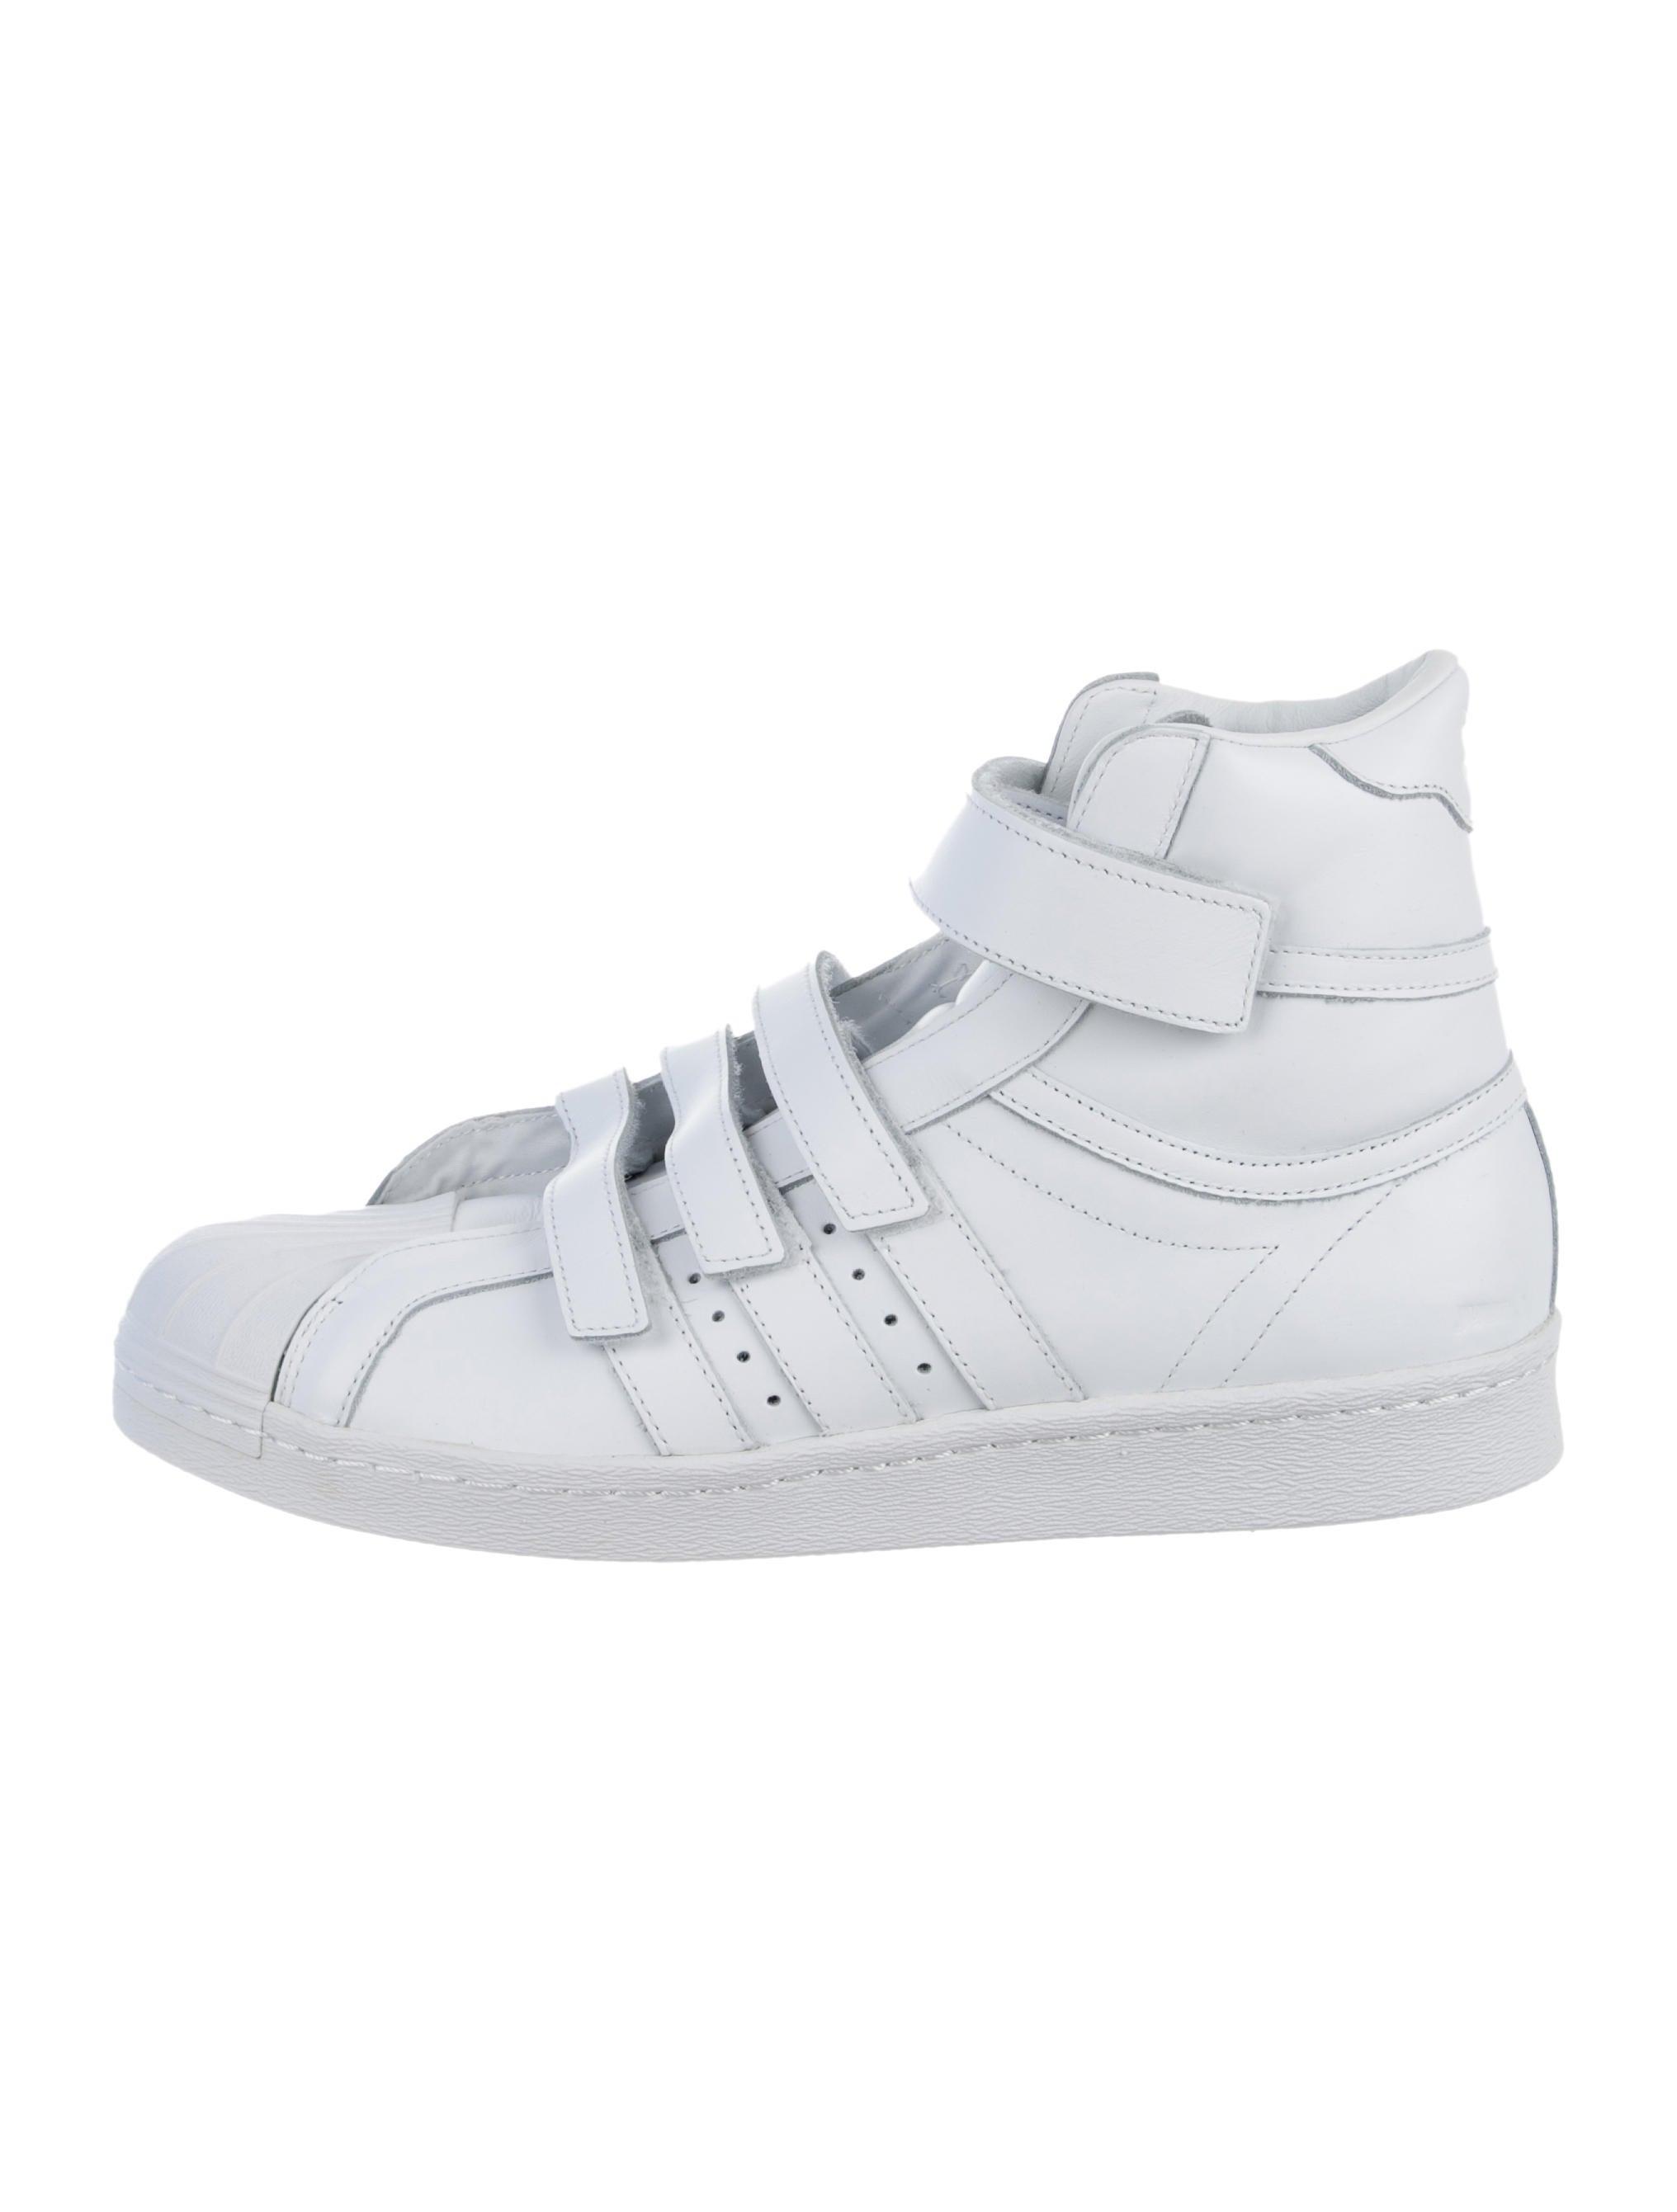 a0190131721 Juun.J x Adidas Juun J x Adidas Promodel 80s Hi JJ High-Top Sneakers w   Tags - Shoes - WJJXA20010